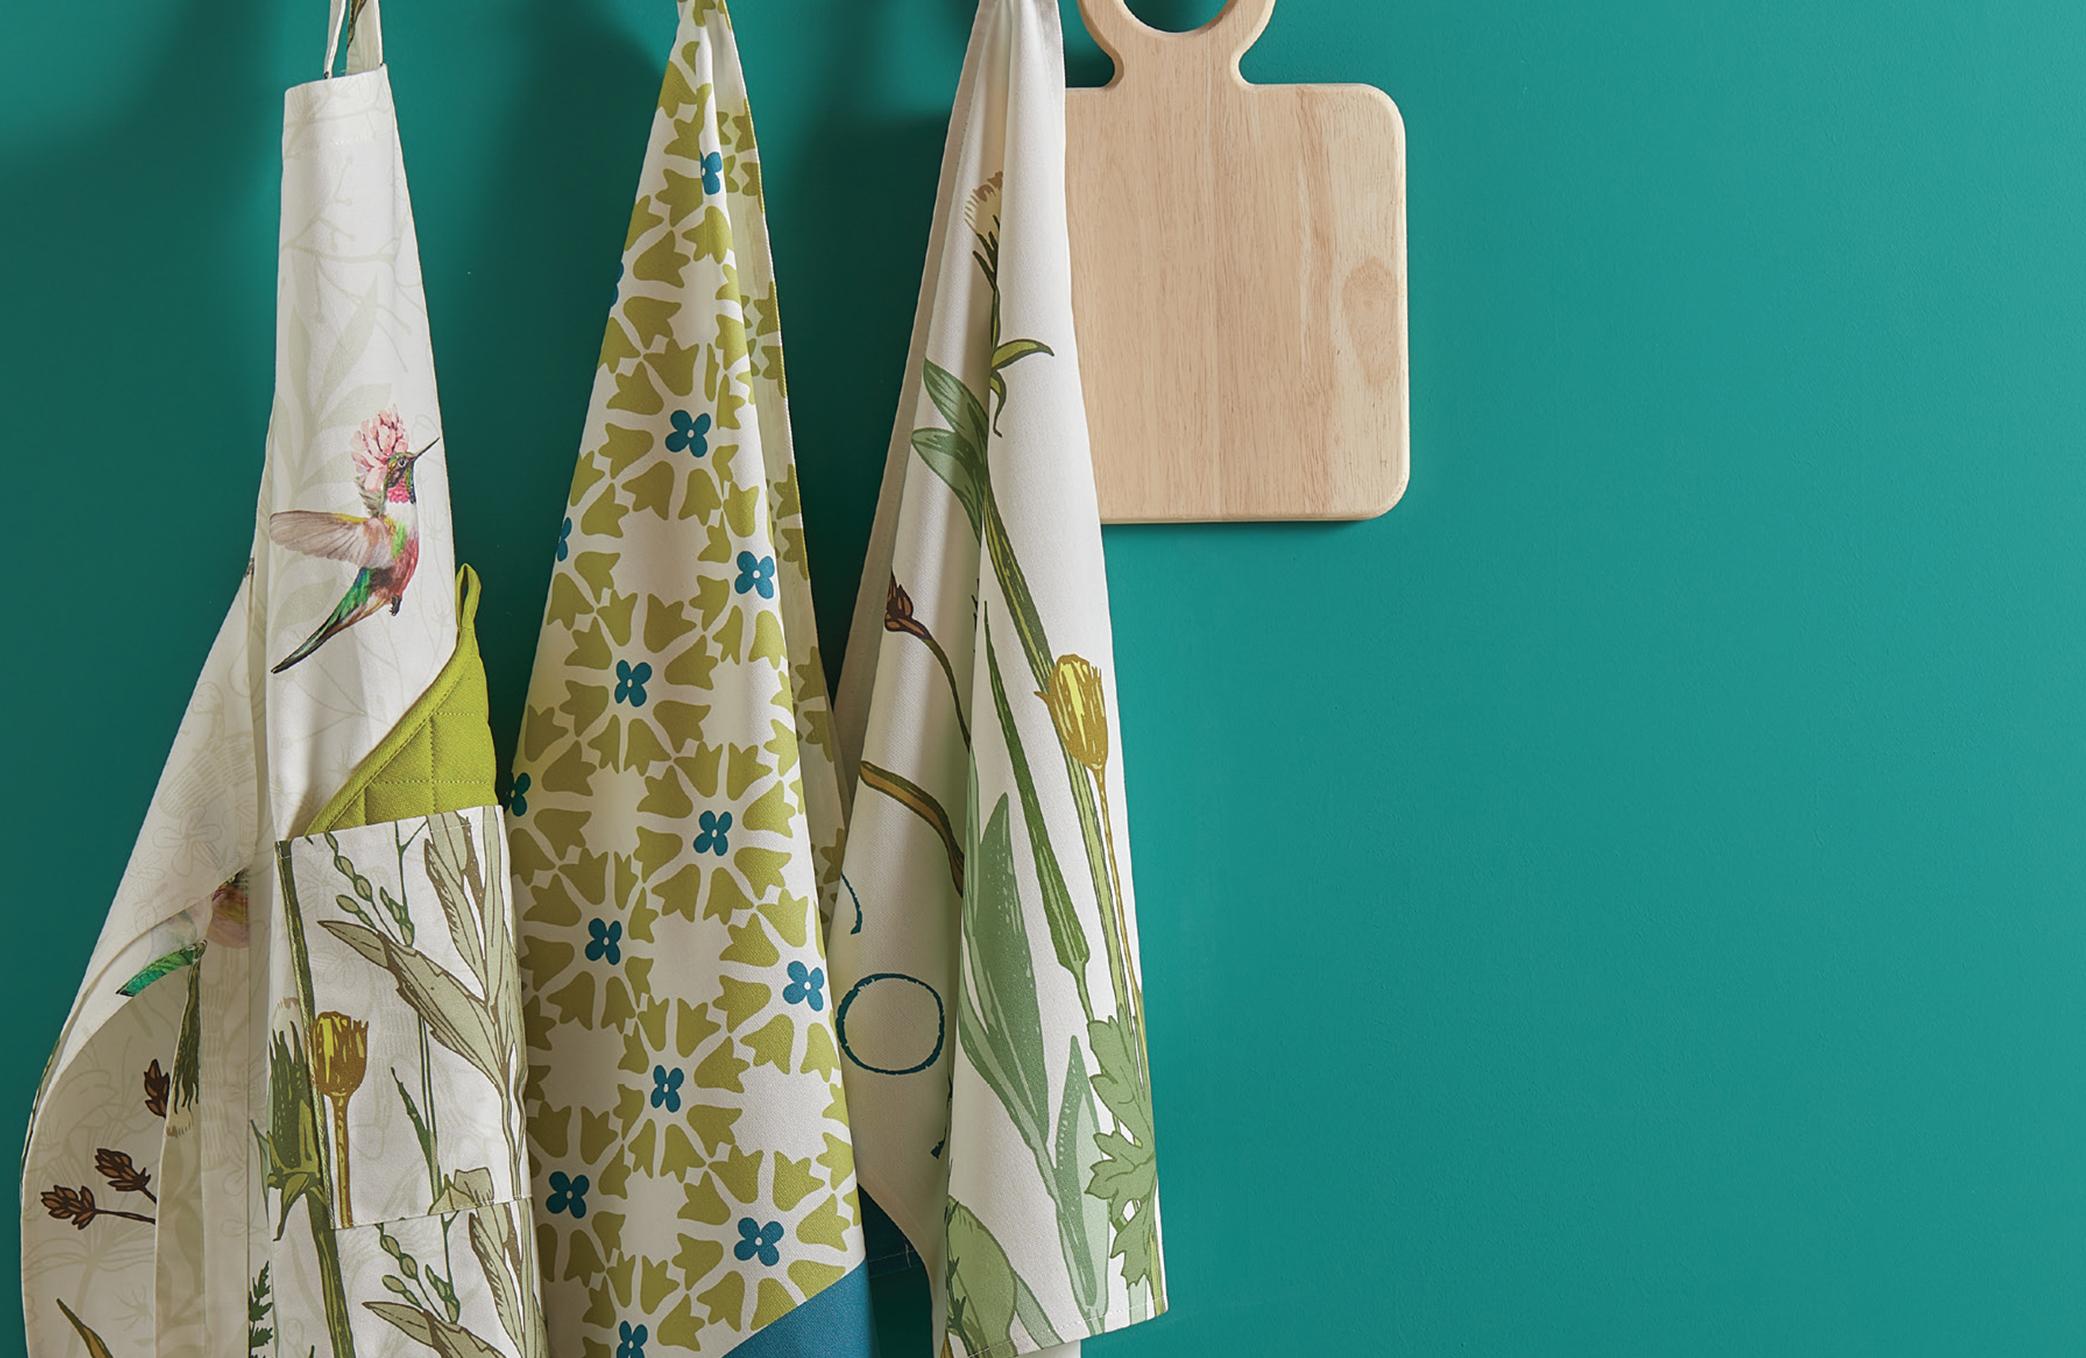 Gli accessori per arredare la tua cucina